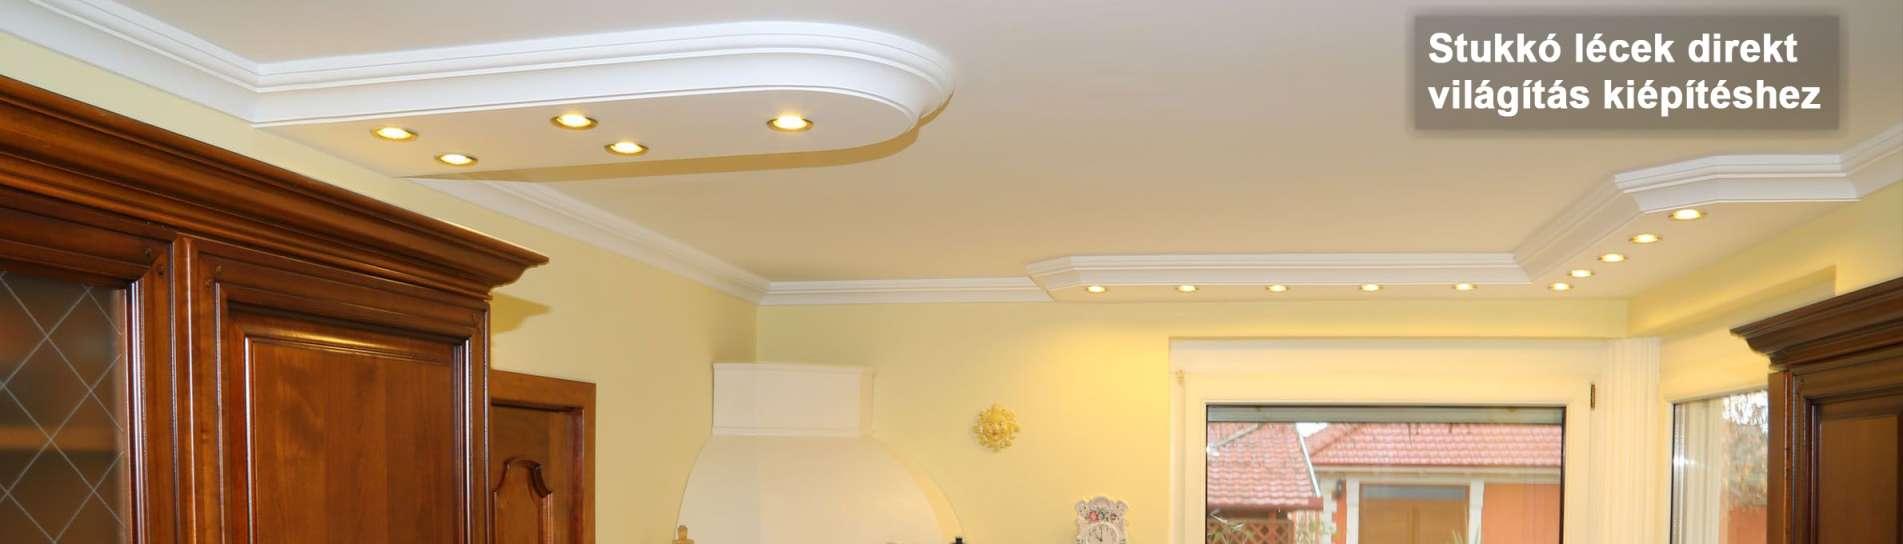 Közvetlen fényforrás spot lámpa, led izzó használatával